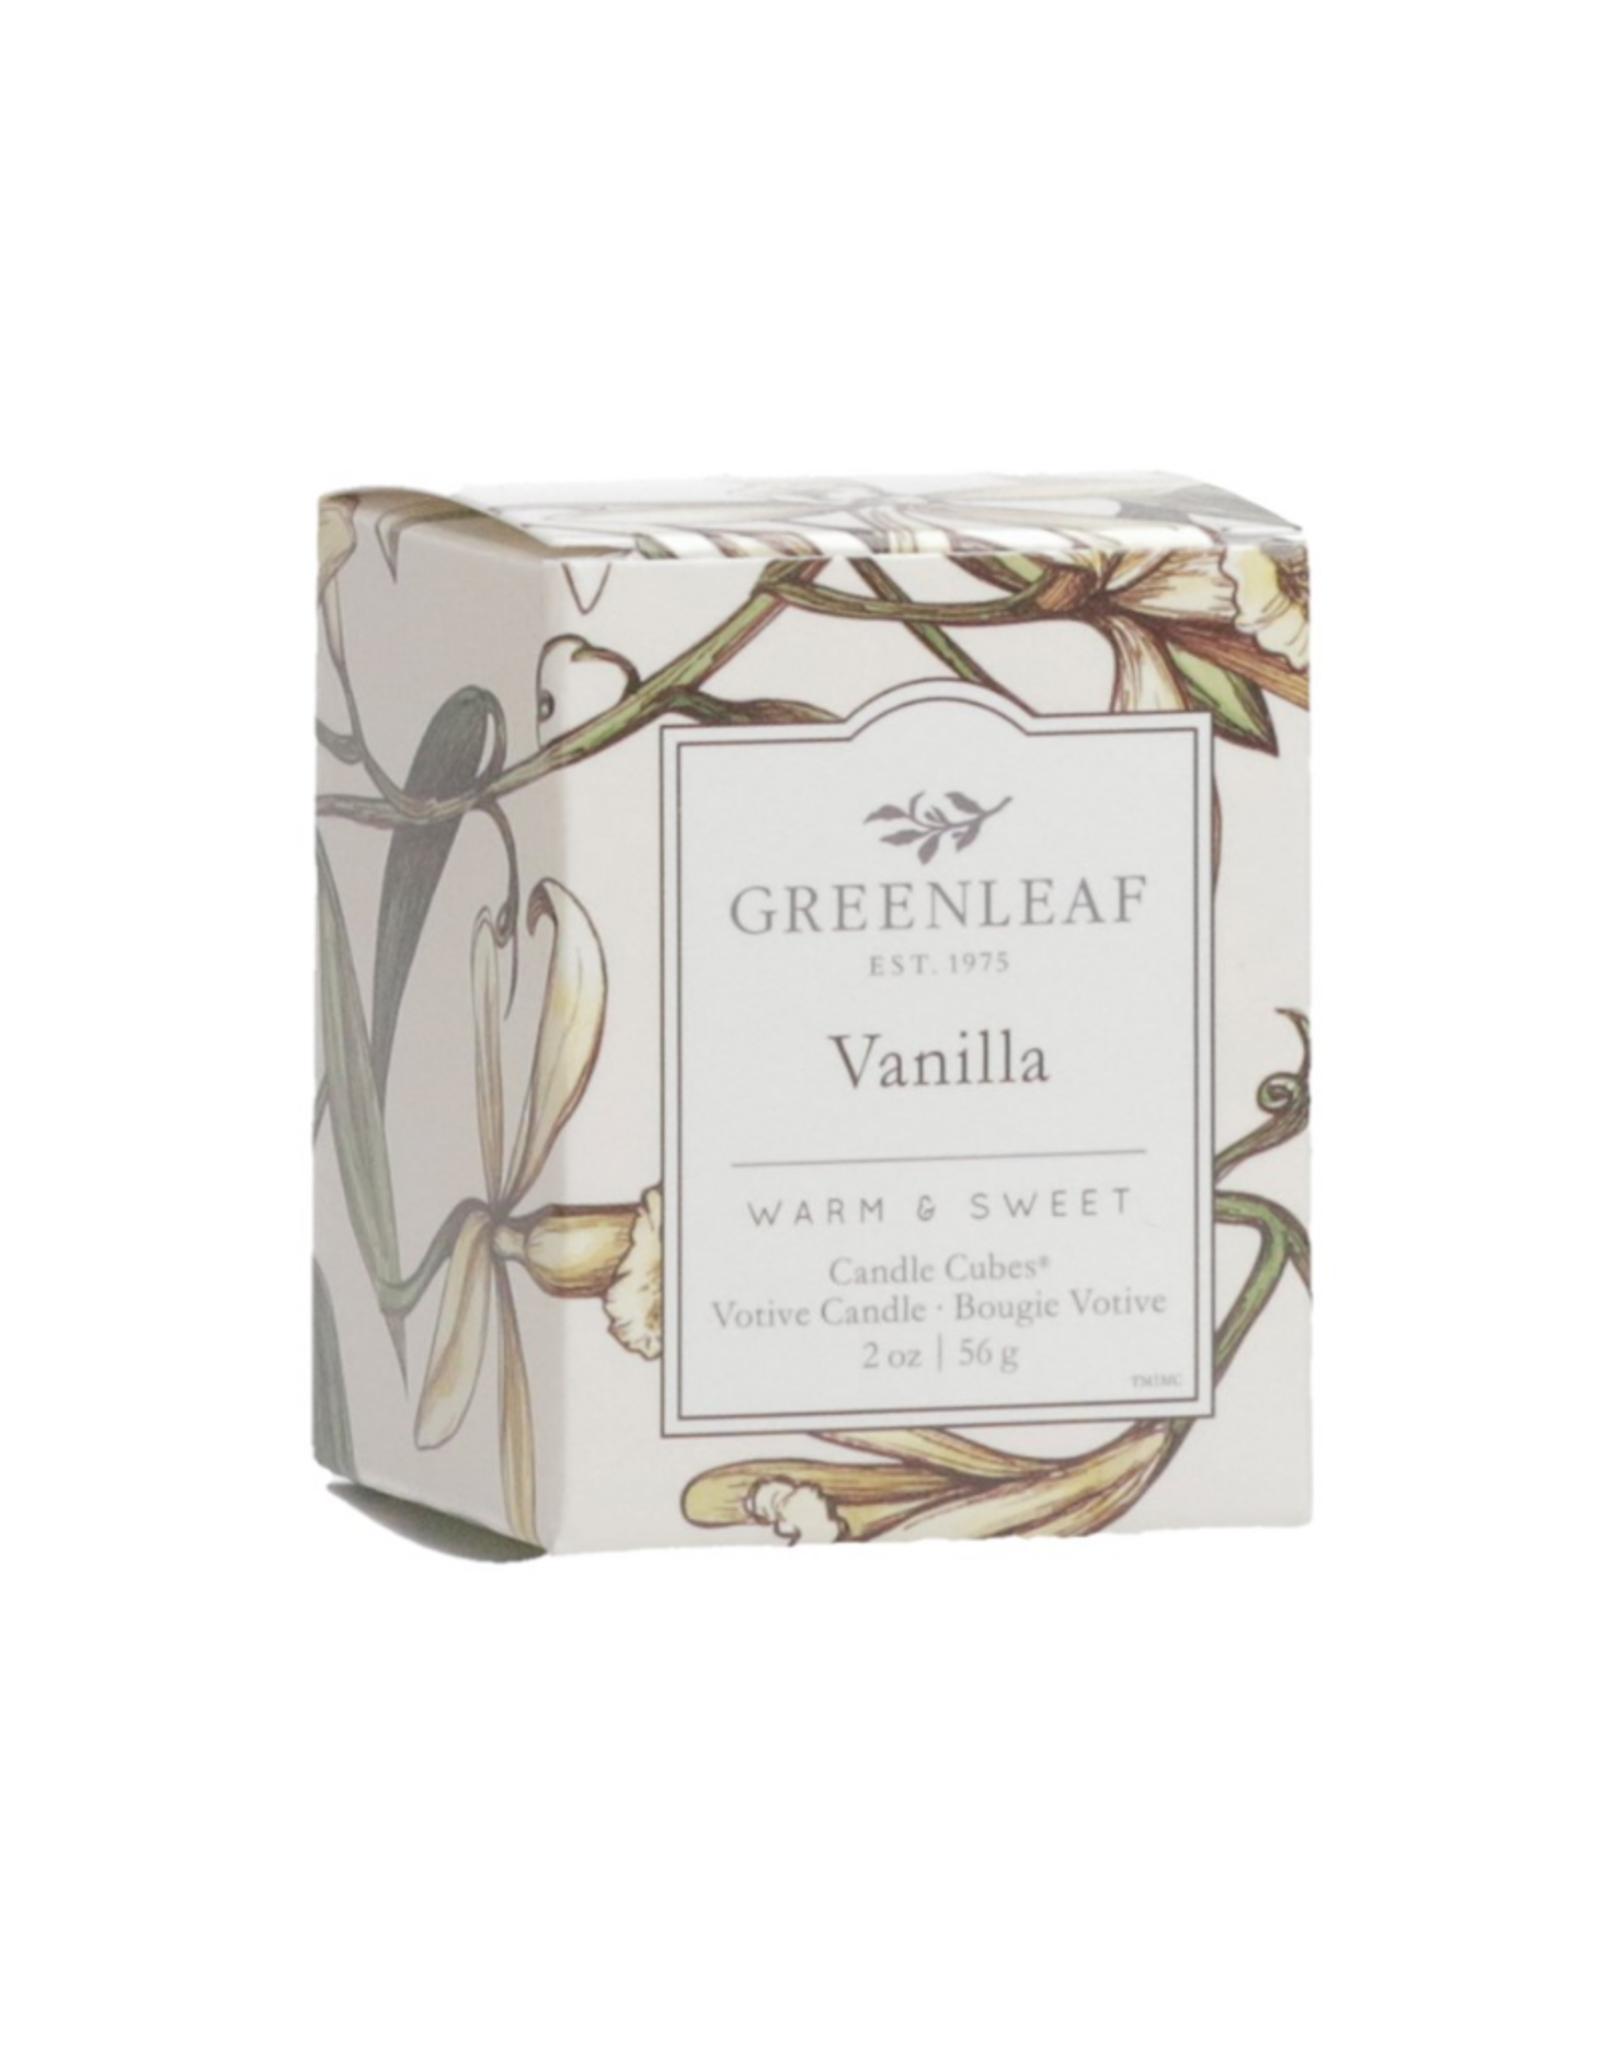 Greenleaf Chandelle parfumée 'Vanille'